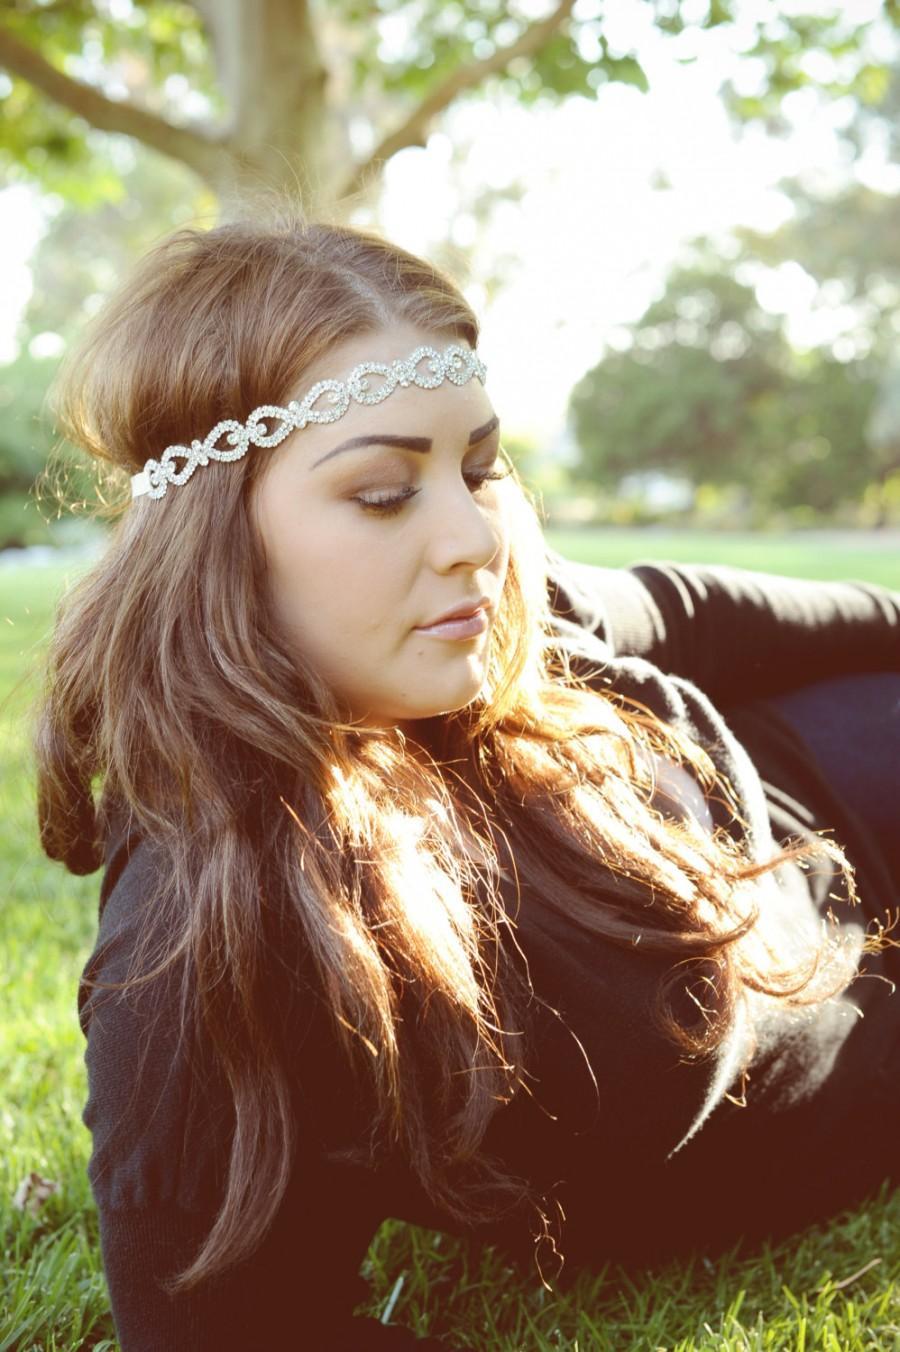 Mariage - Crystal Headband, Bridal Headband, Vintage Headband, Wedding Hair Piece, Bridal Headpiece , Headpiece, Beaded Headband,  Crystal Hair Piece